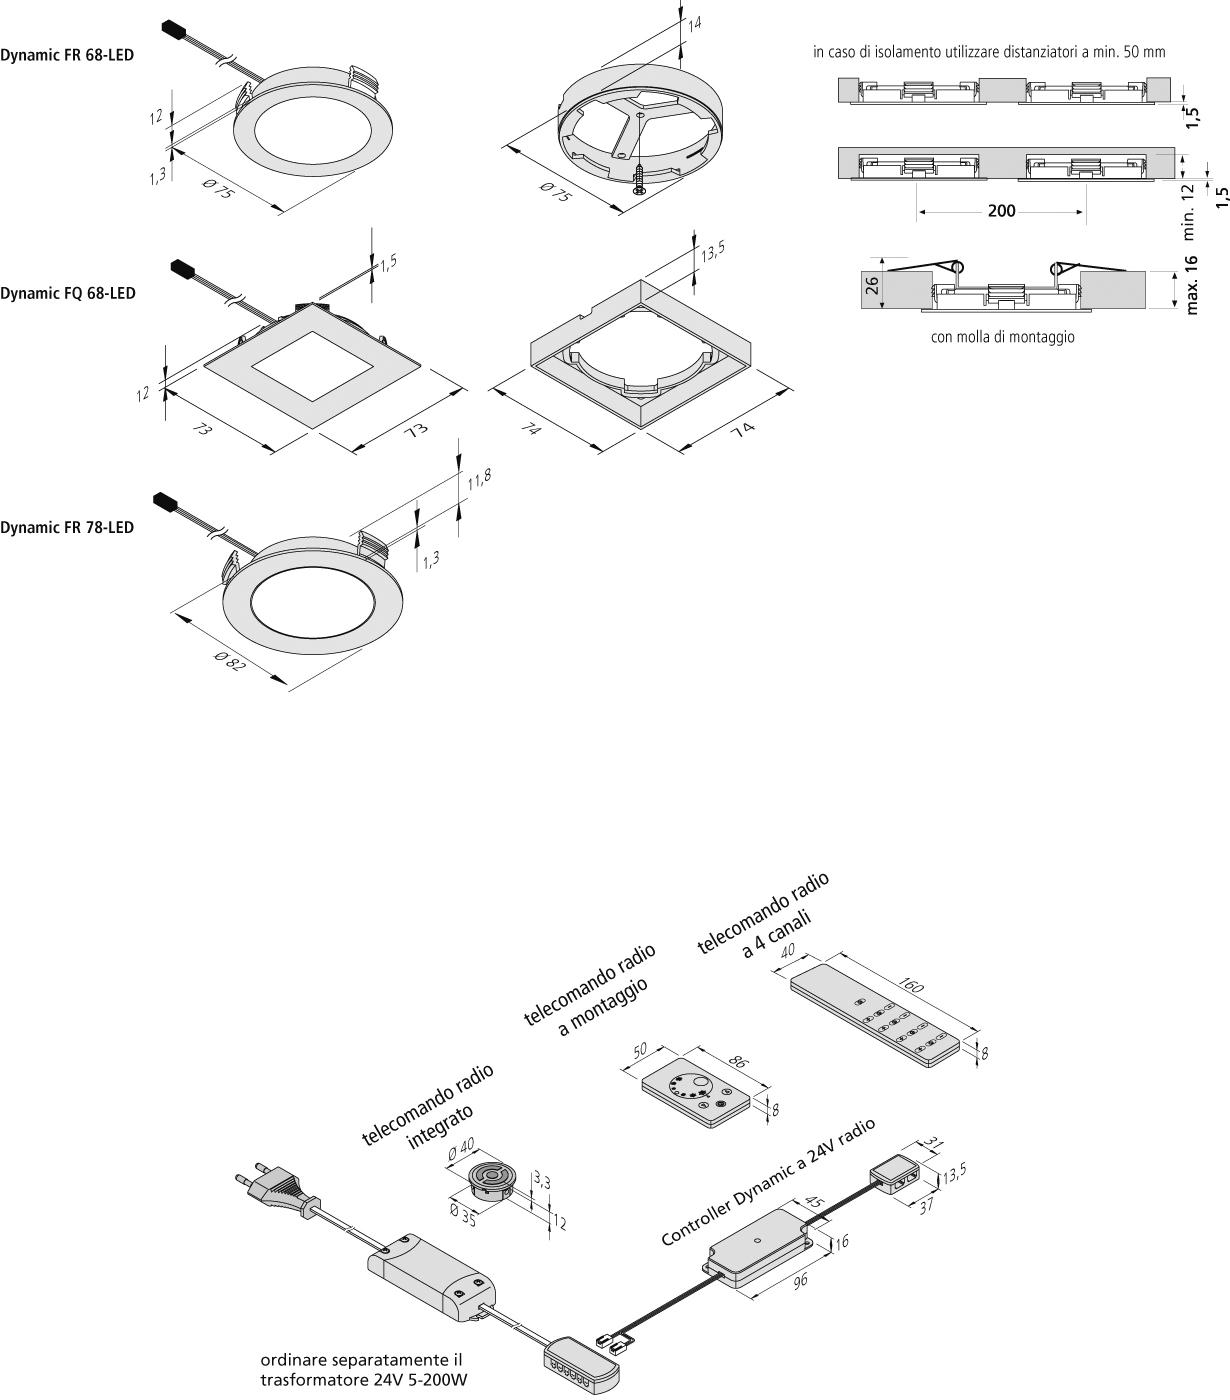 Anteprima: Dynamic-FR-68-LED_vec_it